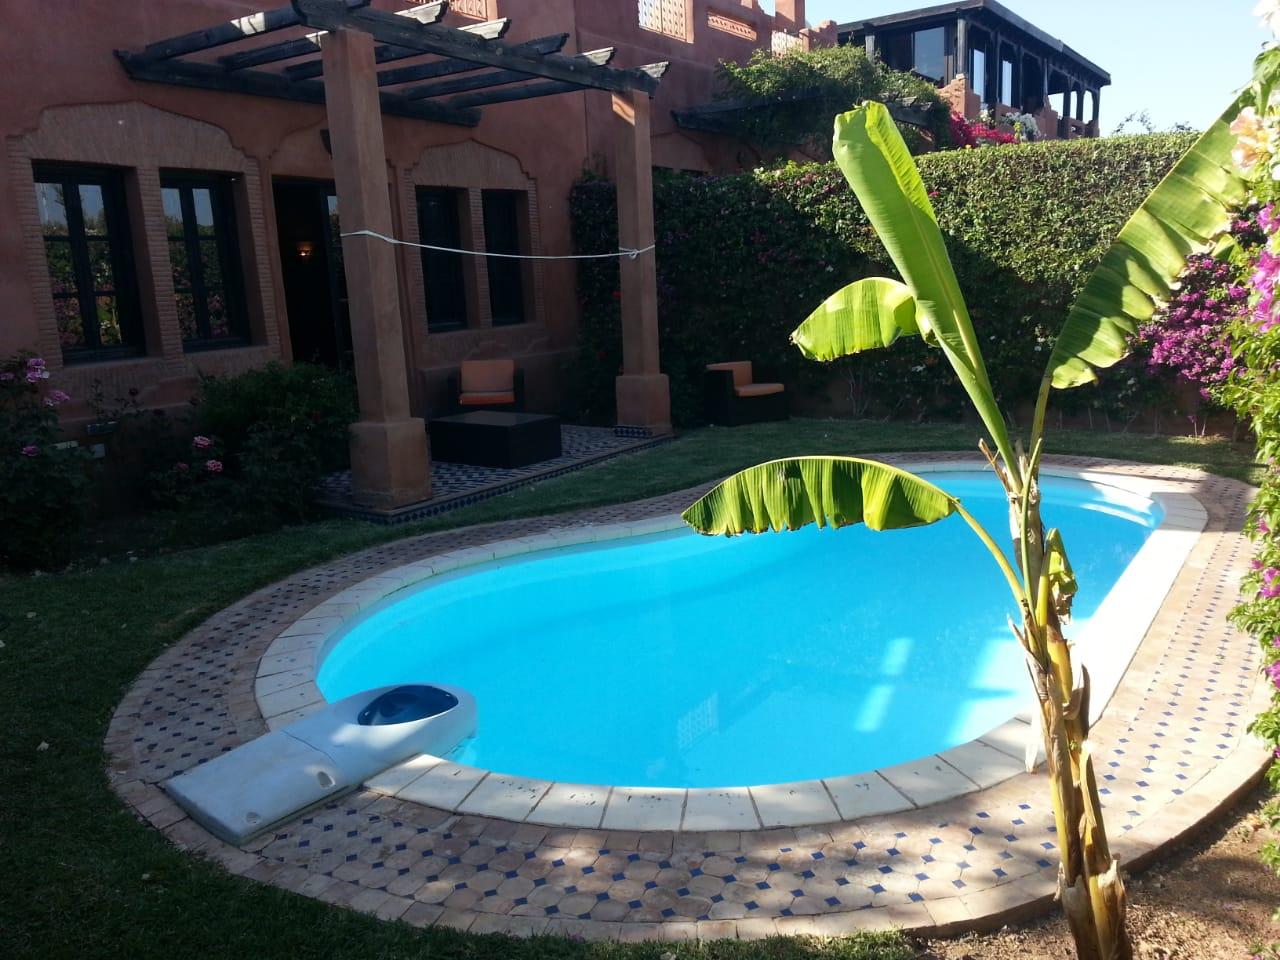 Location journalier d'un d'un villa meublée à Marrakech